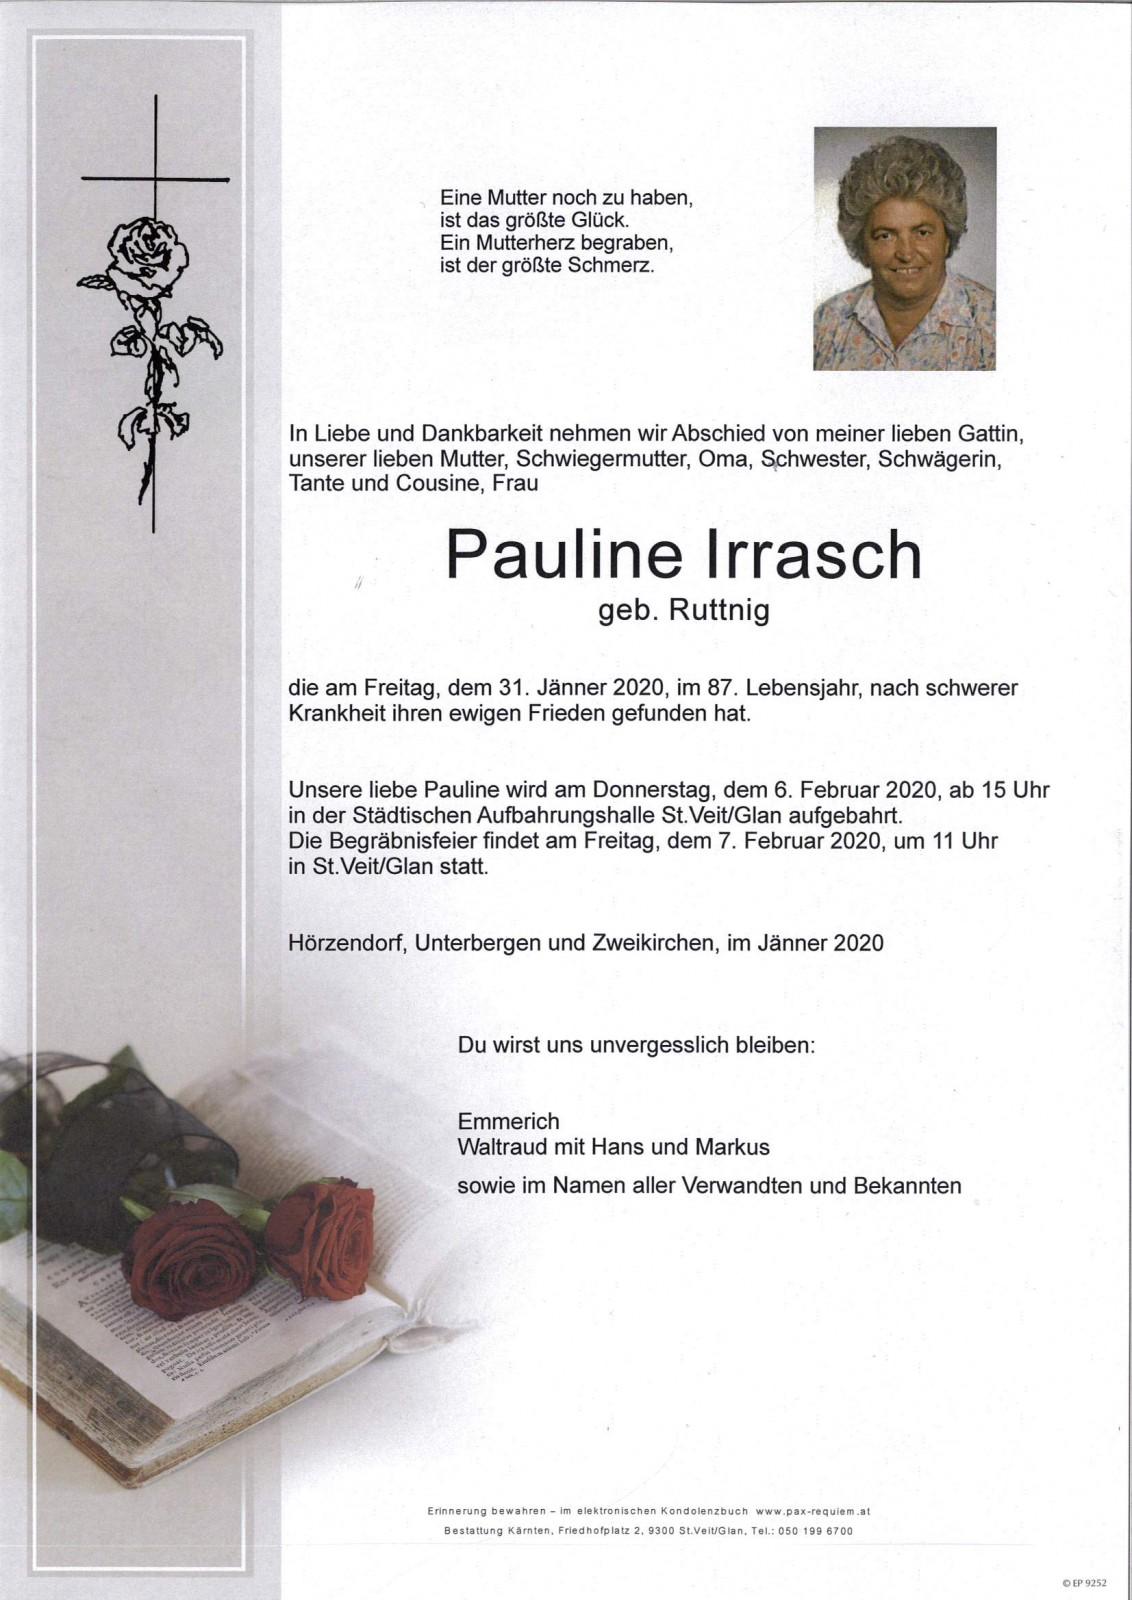 Parte für Pauline Irrasch pax · requiem